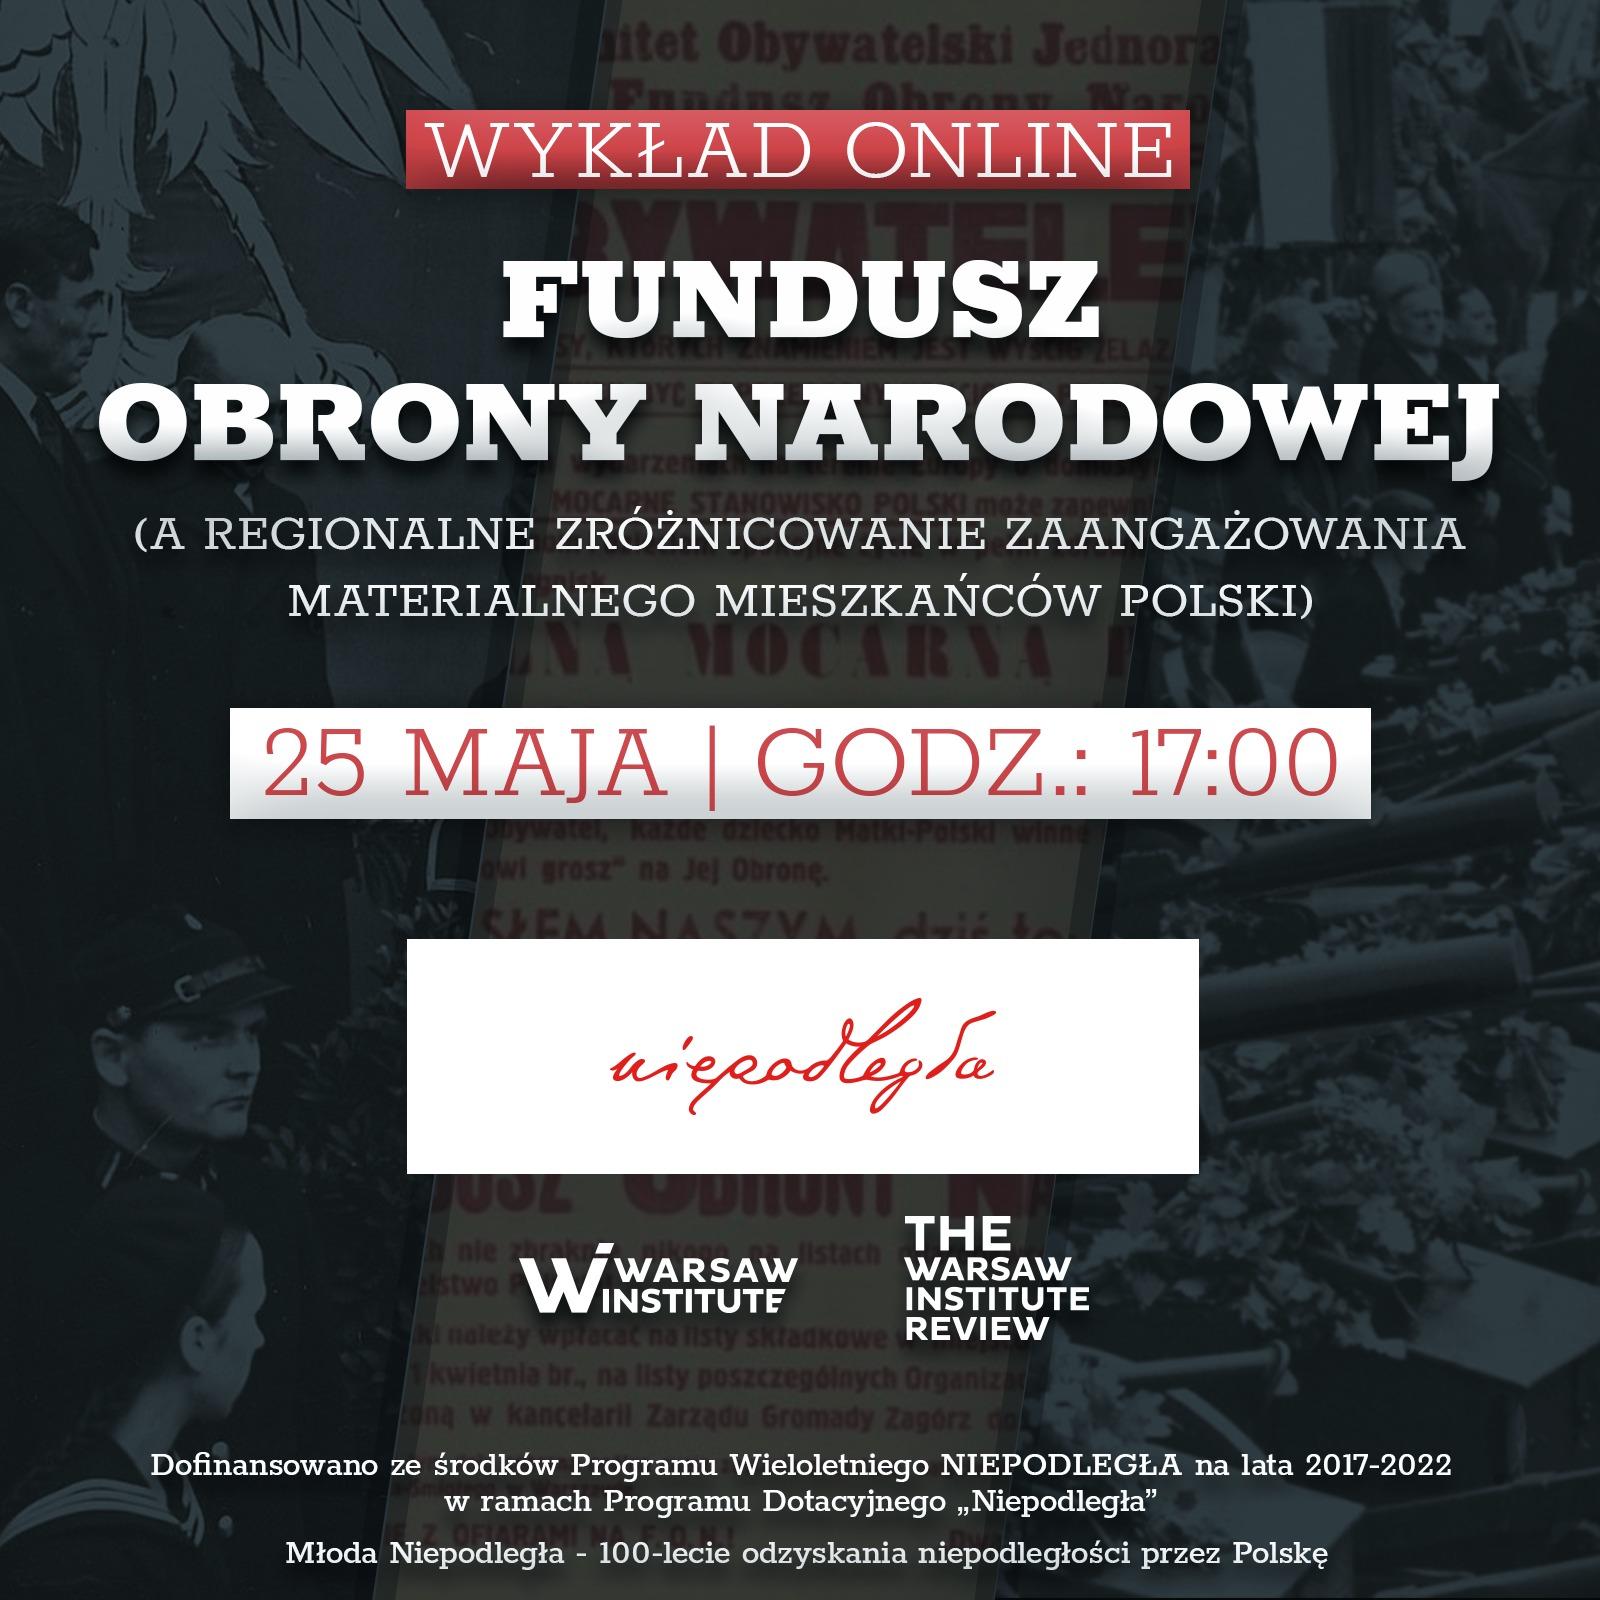 Fundusz Obrony Narodowej, a regionalne zróżnicowanie zaangażowania materialnego mieszkańców Polski.